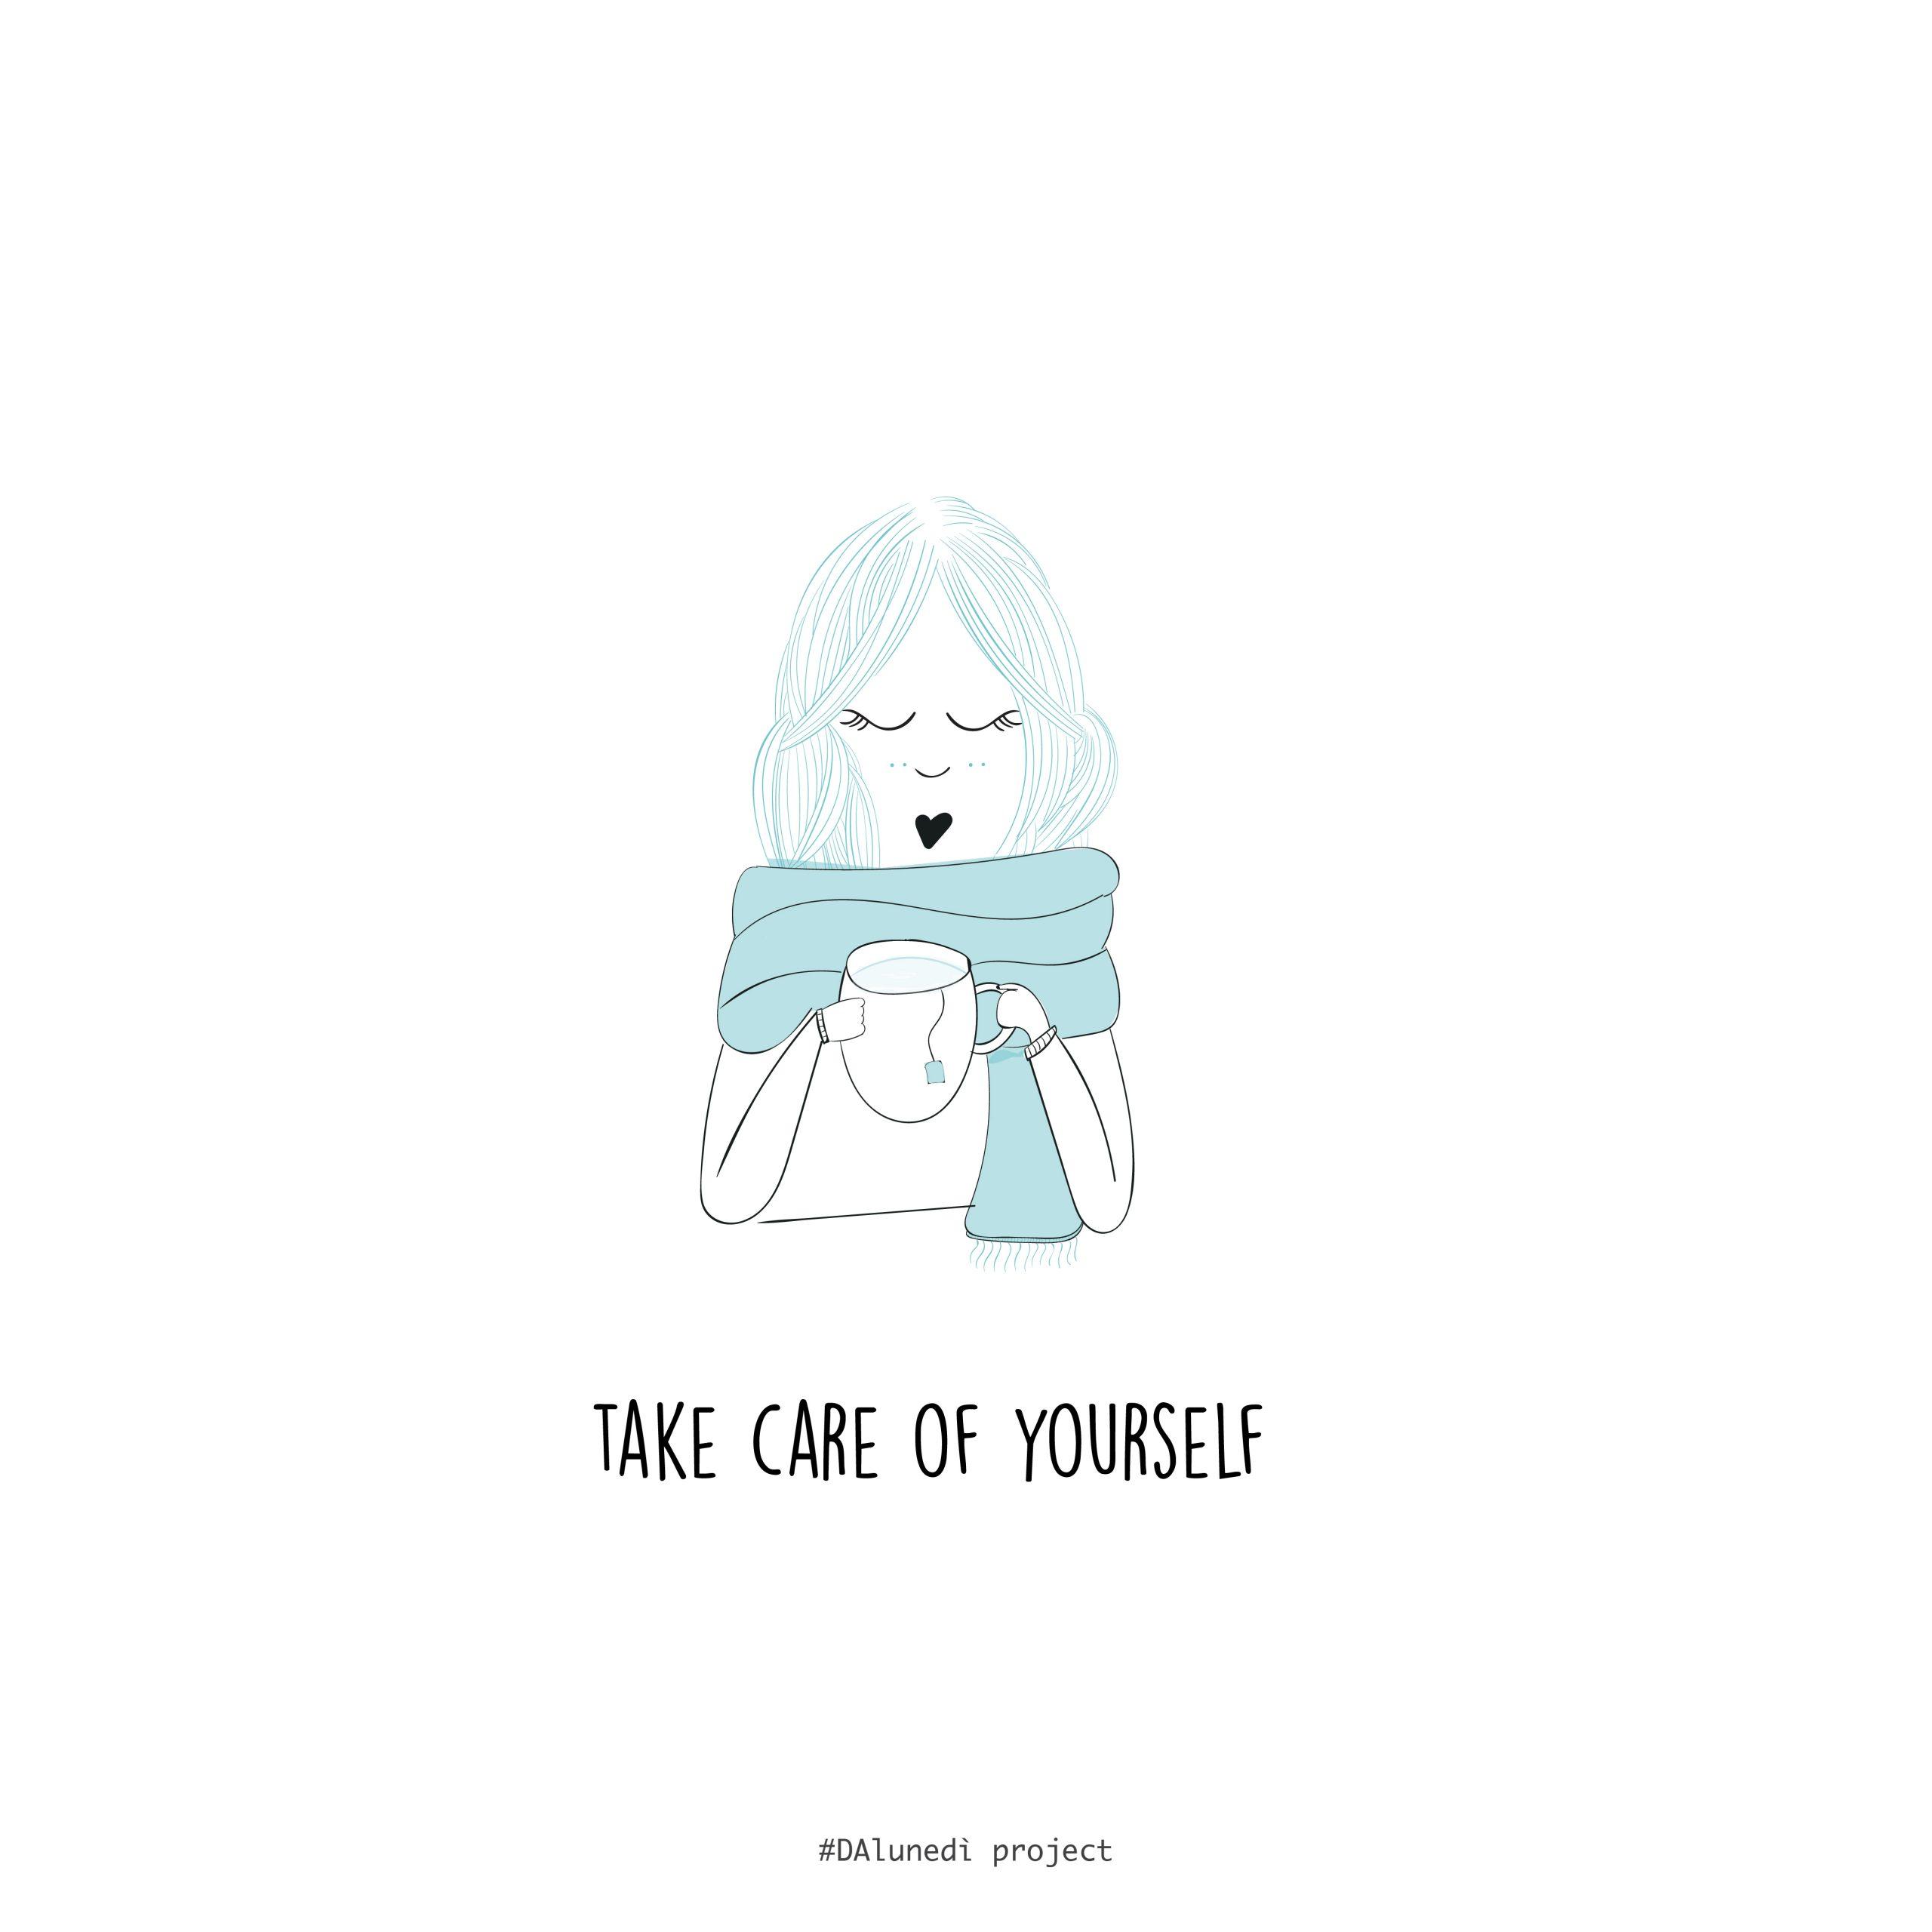 take-care-of-yourself_tavola-disegno-1_tavola-disegno-1